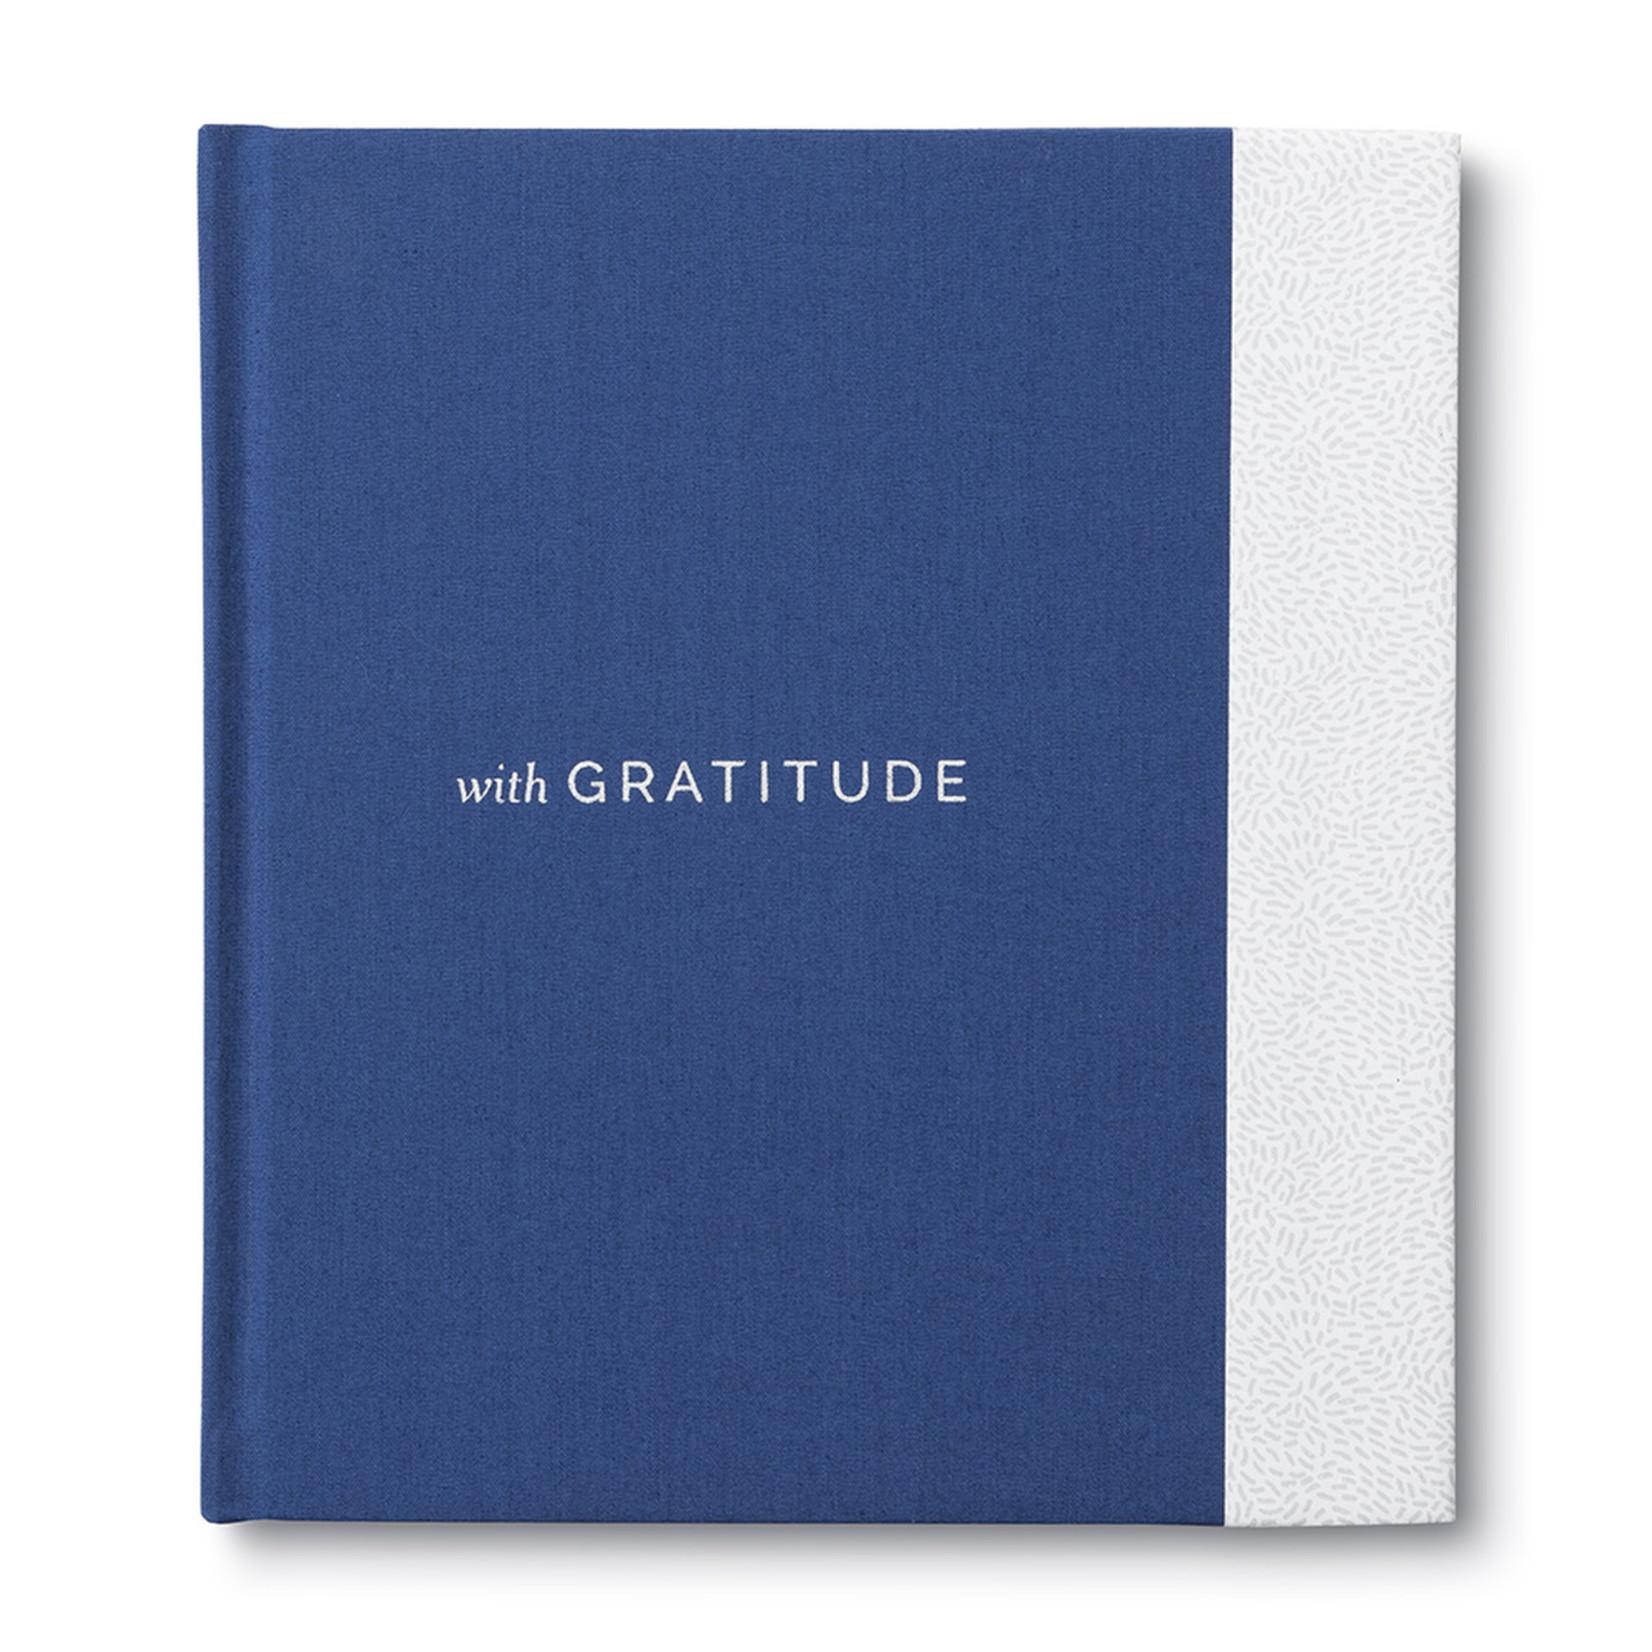 Compendium Book - With Gratitude